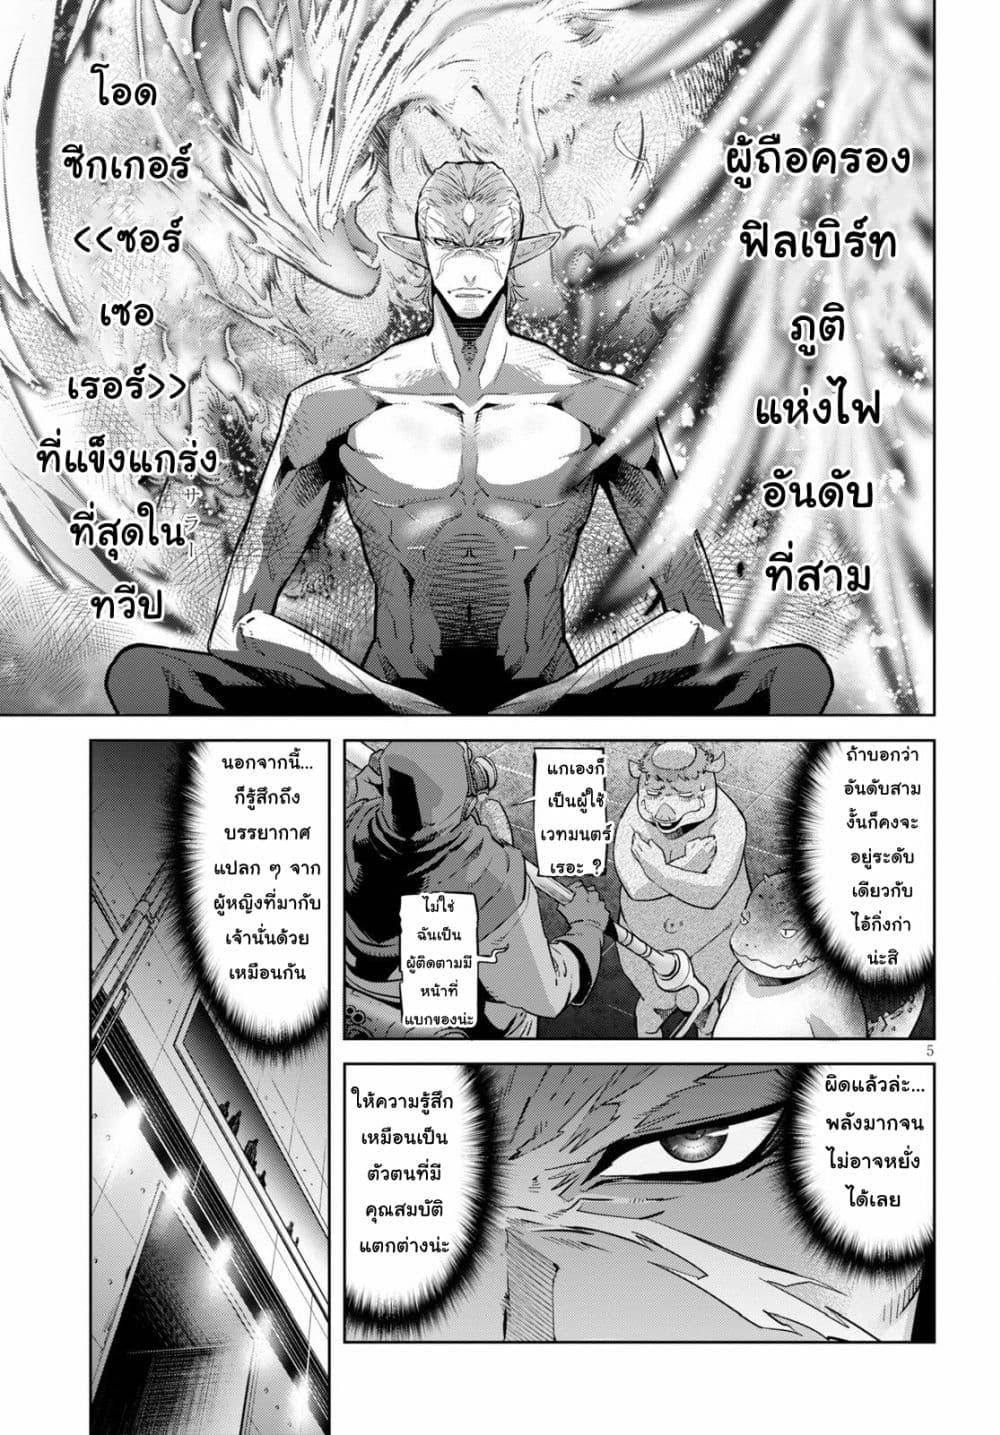 อ่านการ์ตูน Game obu Familia - Family Senki ตอนที่ 21 หน้าที่ 7